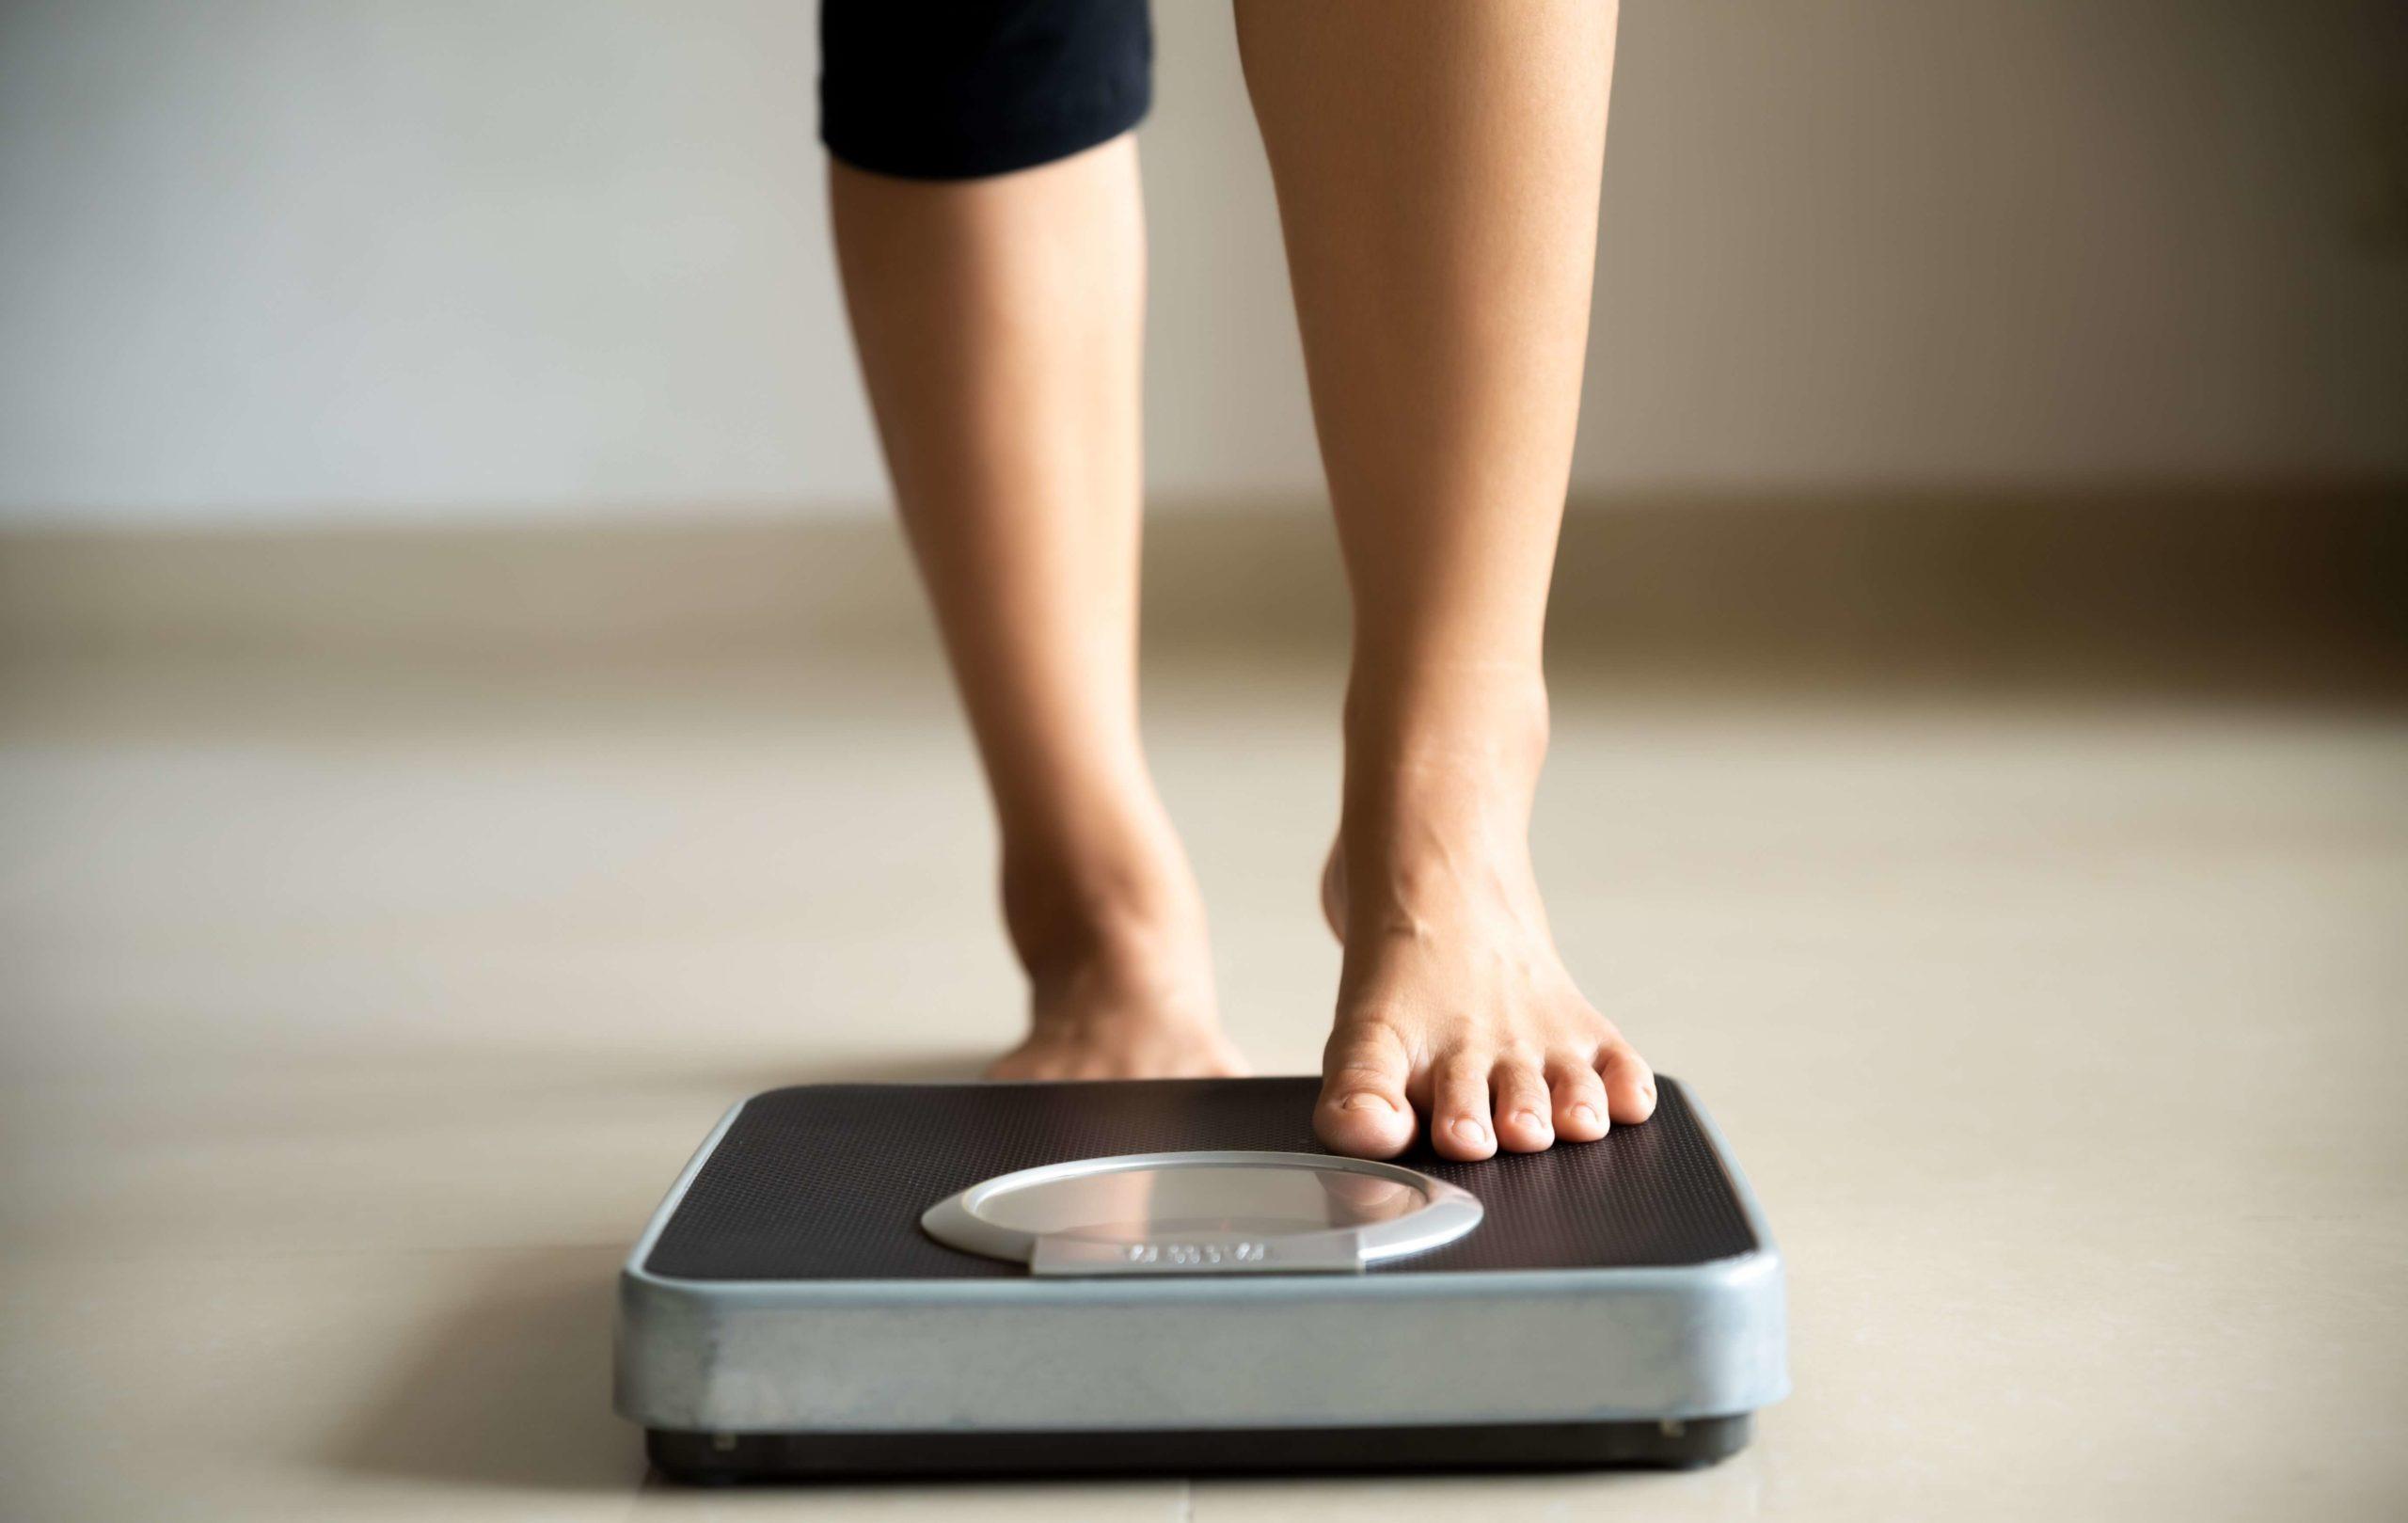 διατροφή για απώλεια βάρους